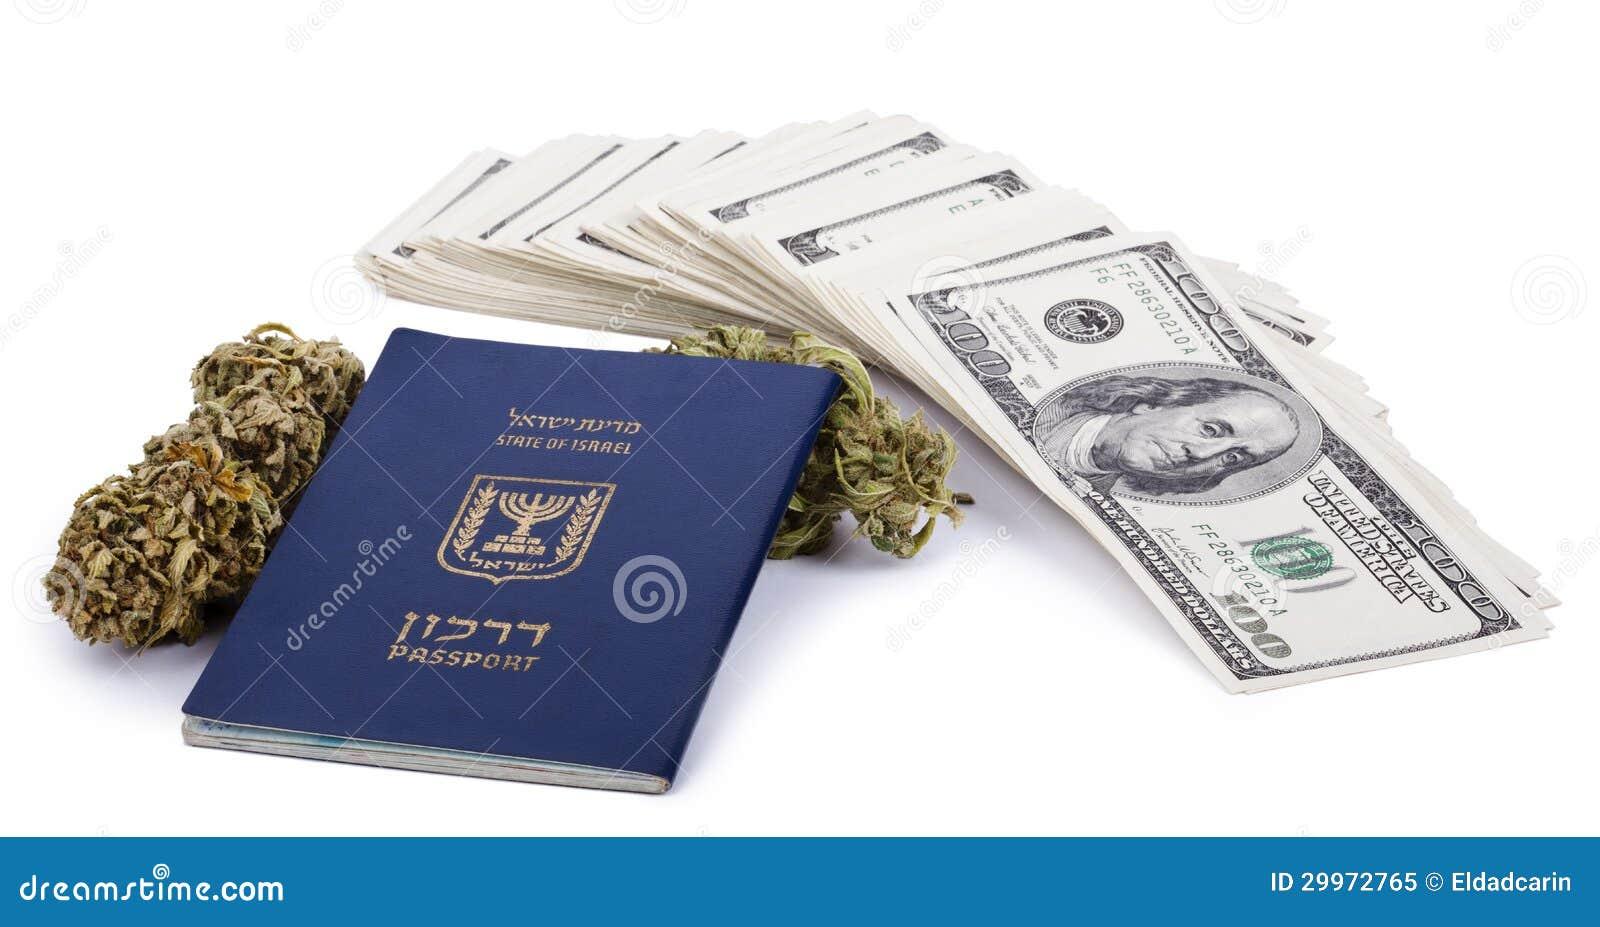 Drug Trafficking Pays Well stock image  Image of economy - 29972765